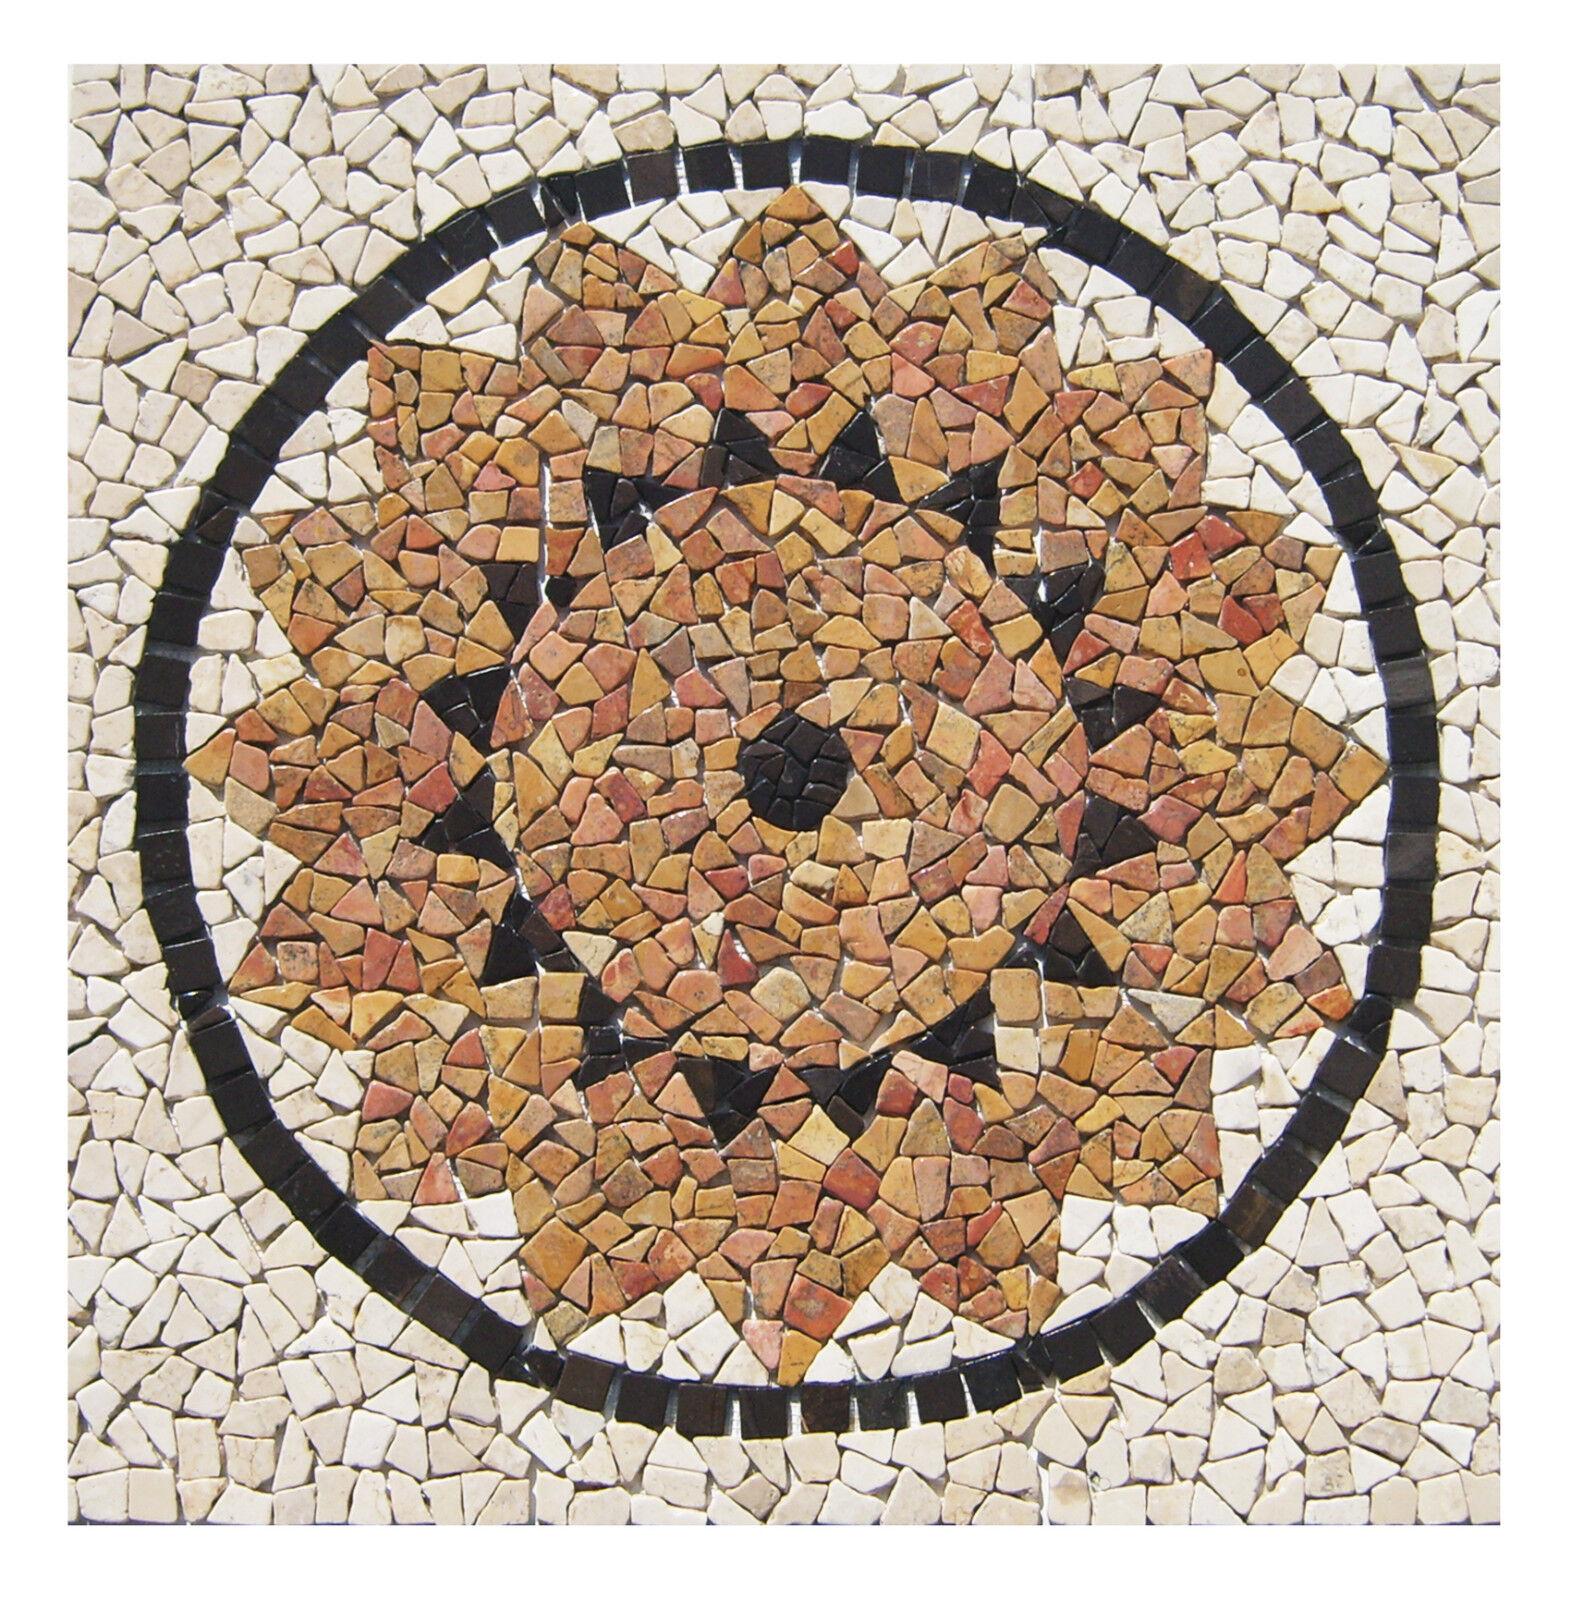 1 Marmor Mosaik Bild RO-003 - 90x90 cm Rosone - Mosaikfliesen Lager Herne NRW